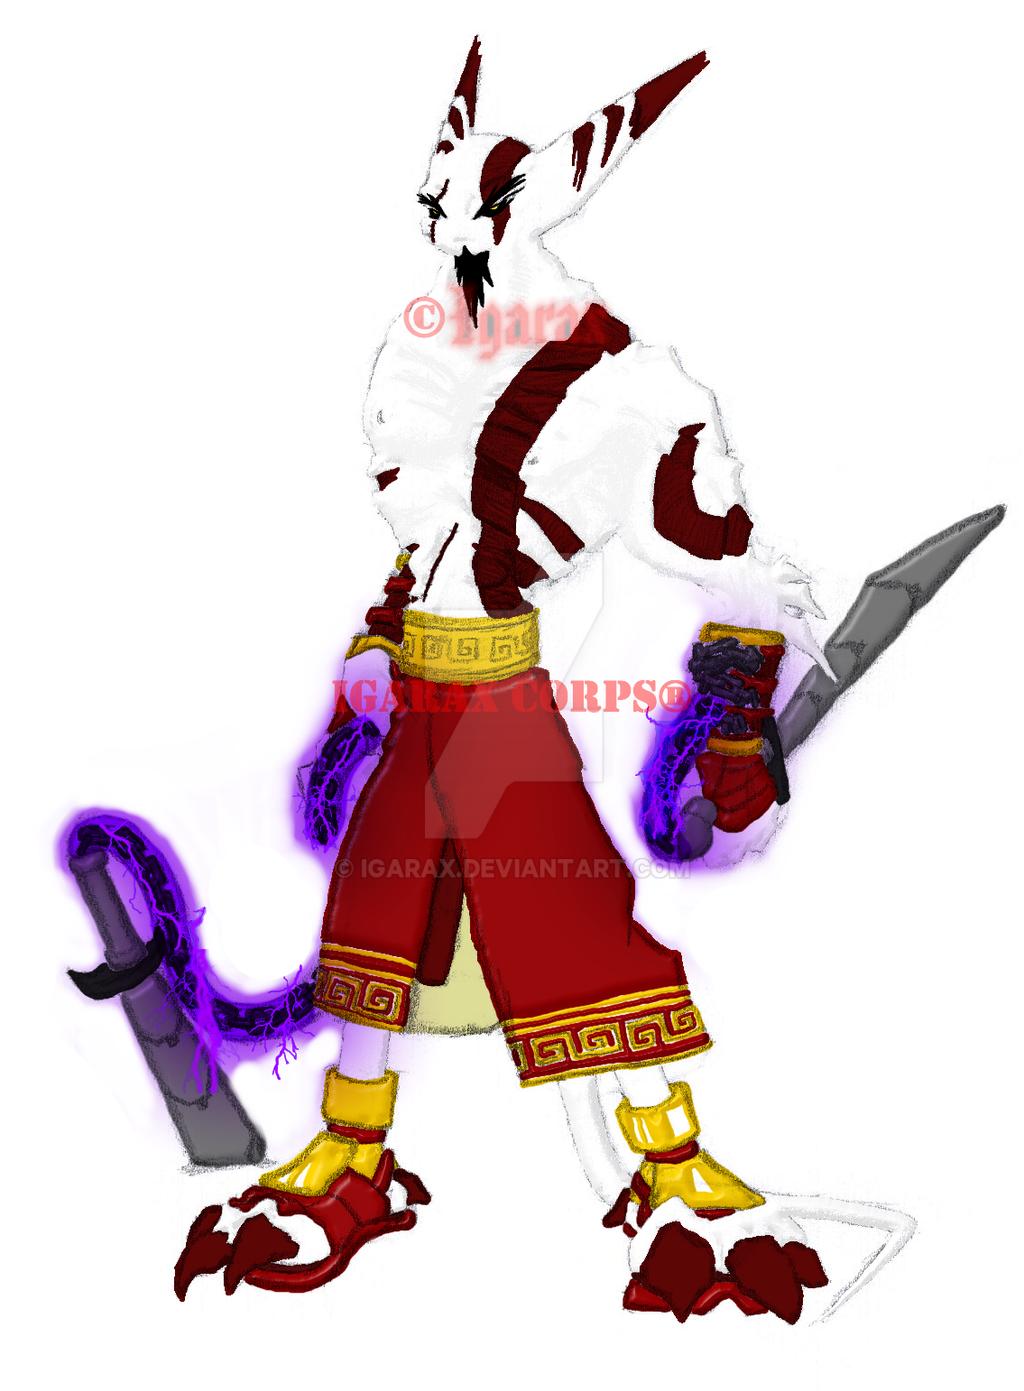 Igarax Kratos